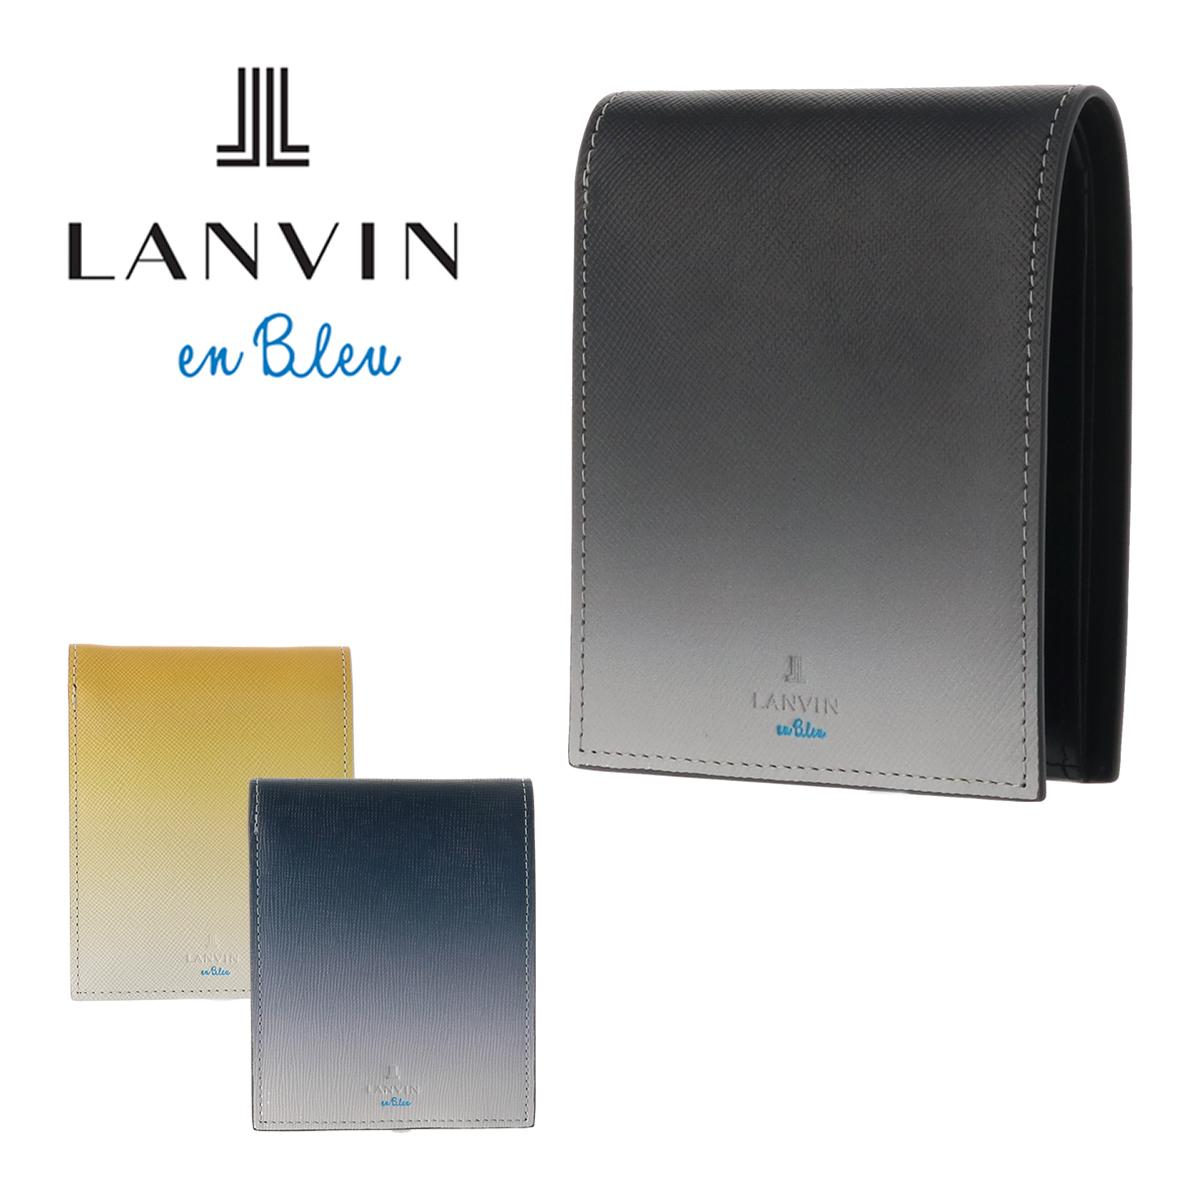 ランバンオンブルー LANVIN en Bleu 二つ折り財布 561603 【 グラデーション 財布 メンズ レザー 本革 】[bef]